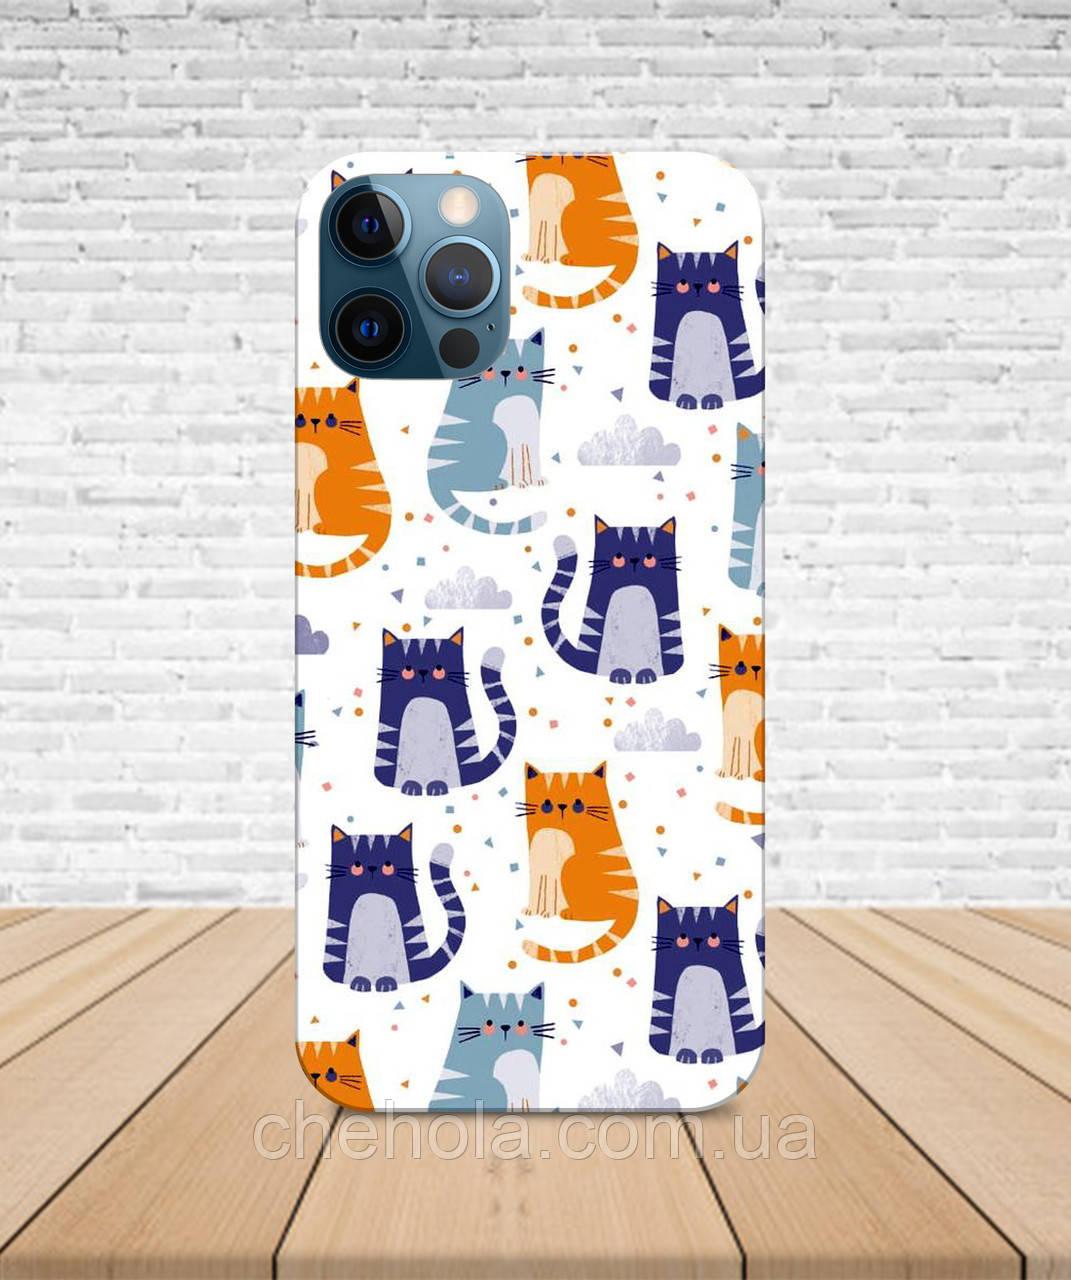 Матовый Чехол iPhone 12 Pro Max Mini Коты узор с принтом